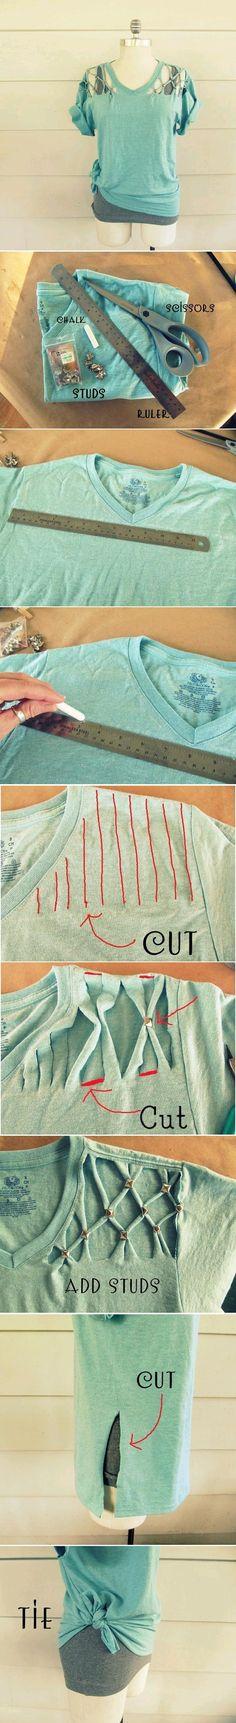 das ist eine Klasse Idee ein altes Shirt aufzupimpen